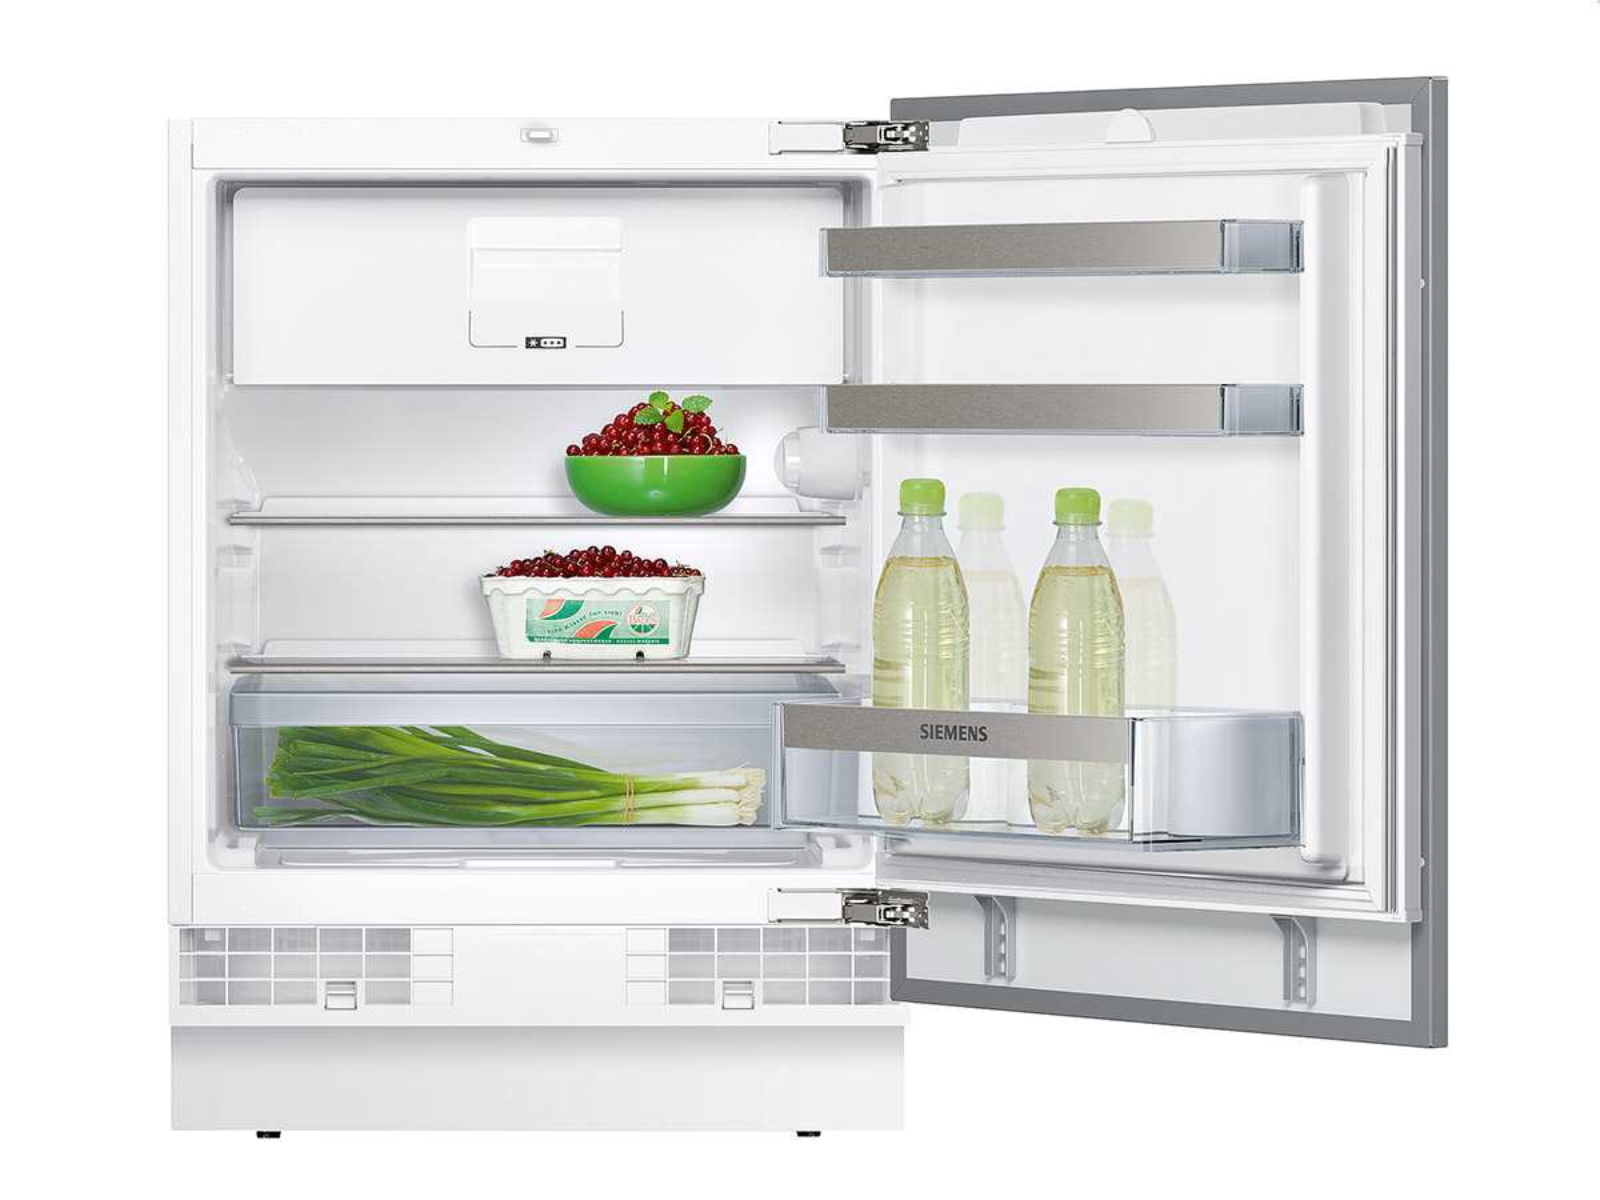 Siemens Unterbau Kühlschrank